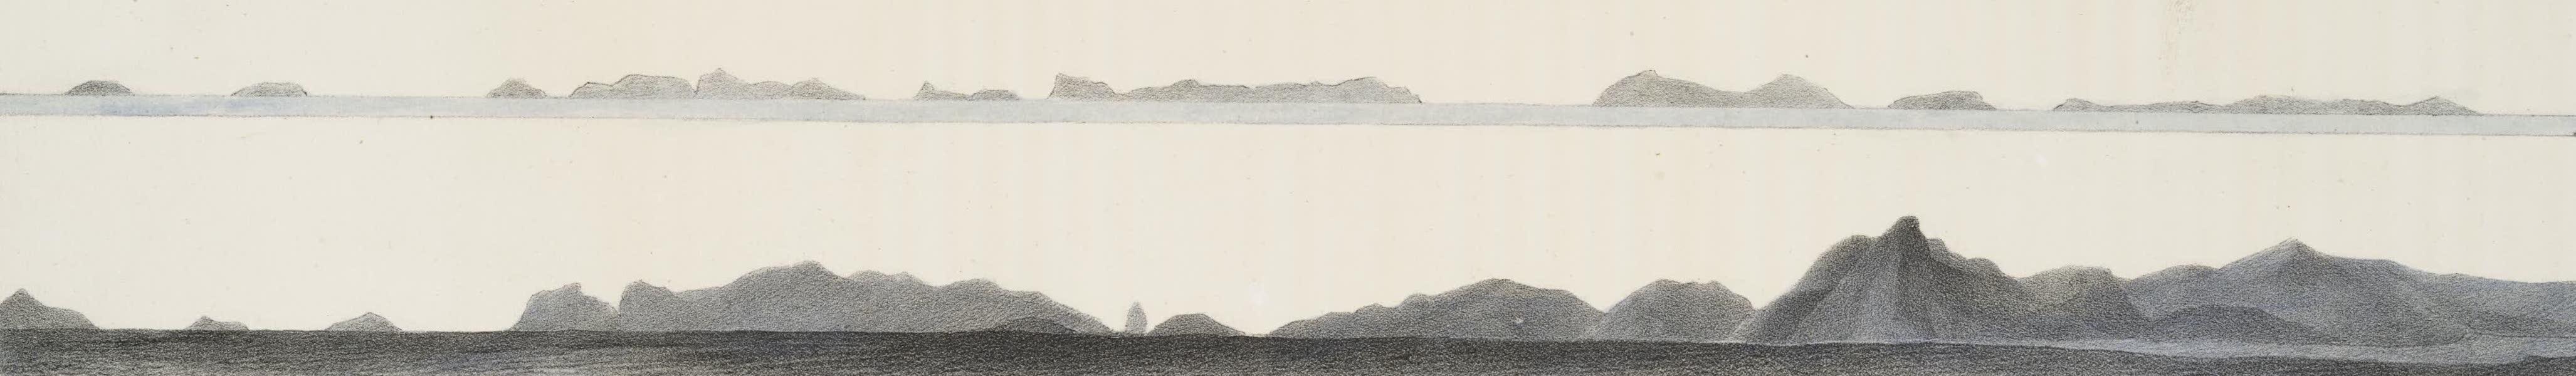 Voyage Pittoresque et Historique au Bresil Vol. 2 - Cote de Rio de Janeiro (1835)